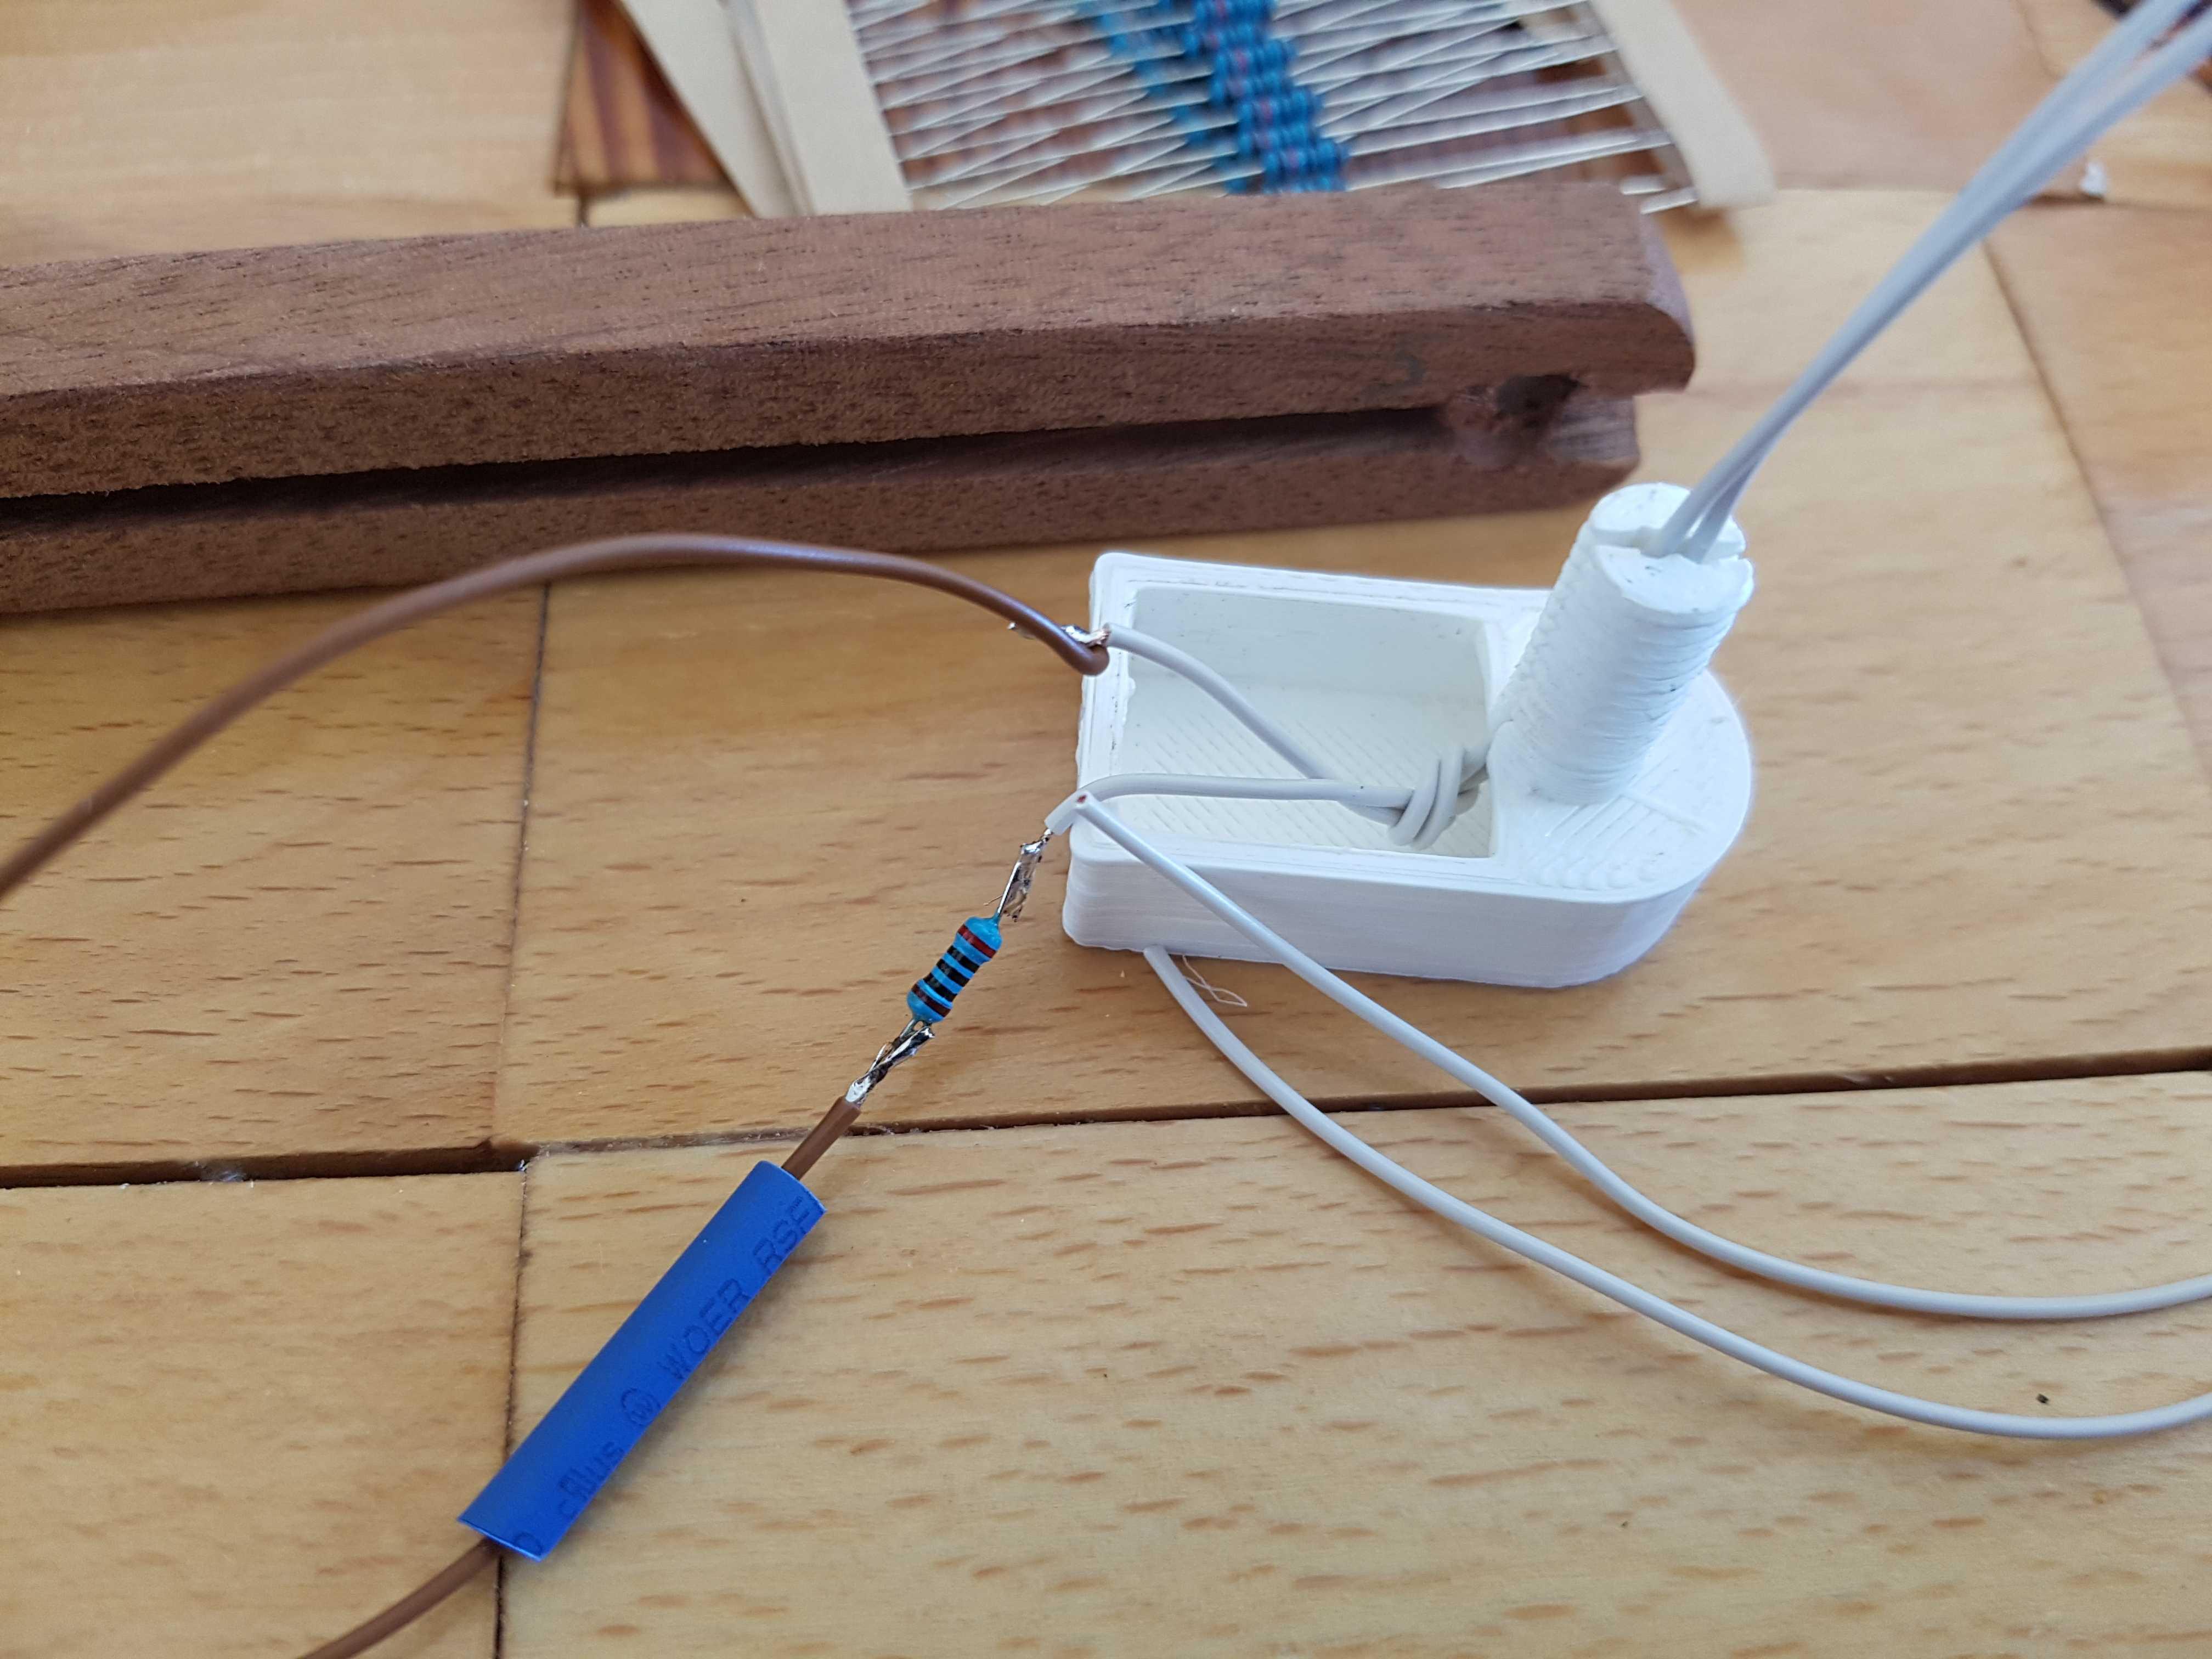 Kabeldurchführung mit Vordwiderstand